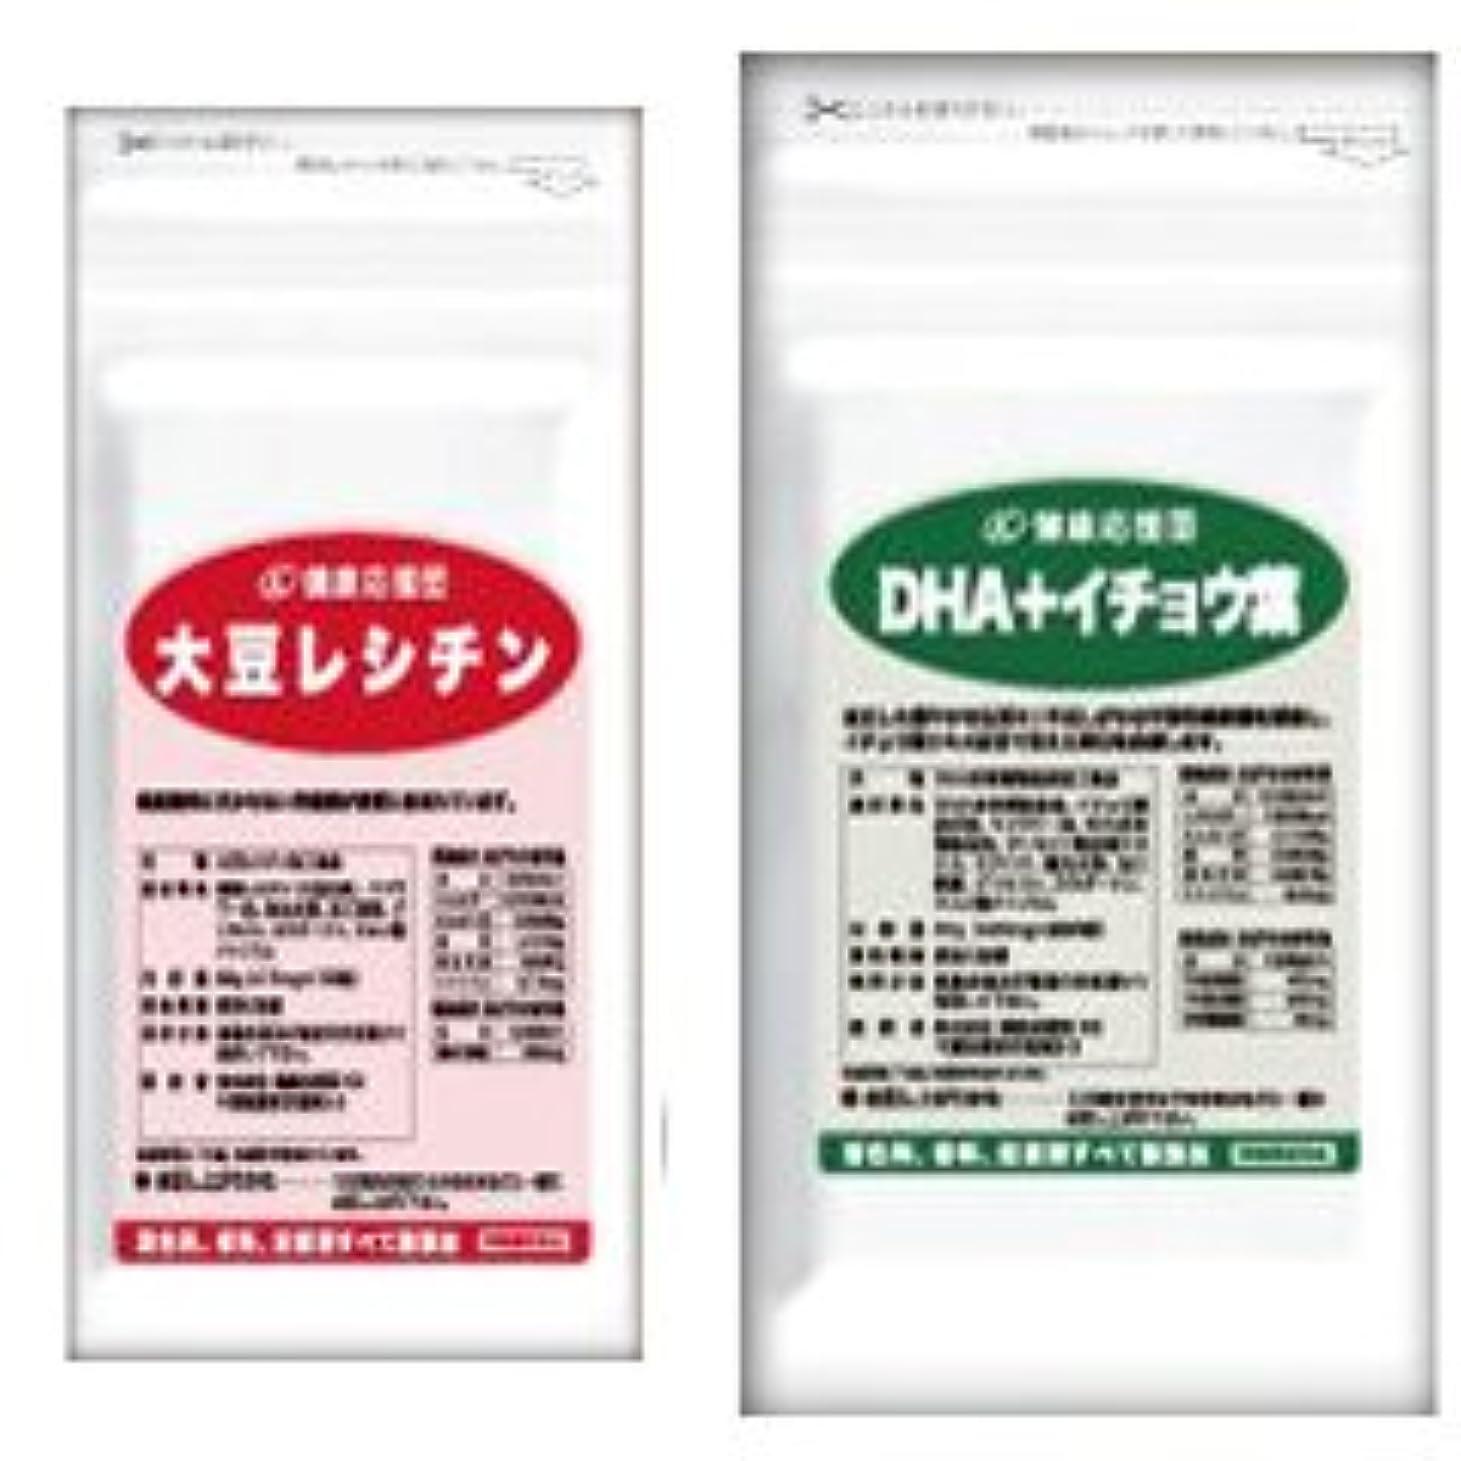 弾丸ブローライブ(お徳用12か月分) 流れサラサラセット 大豆レシチン+(DHA?EPA+イチョウ葉)12袋&12袋セット